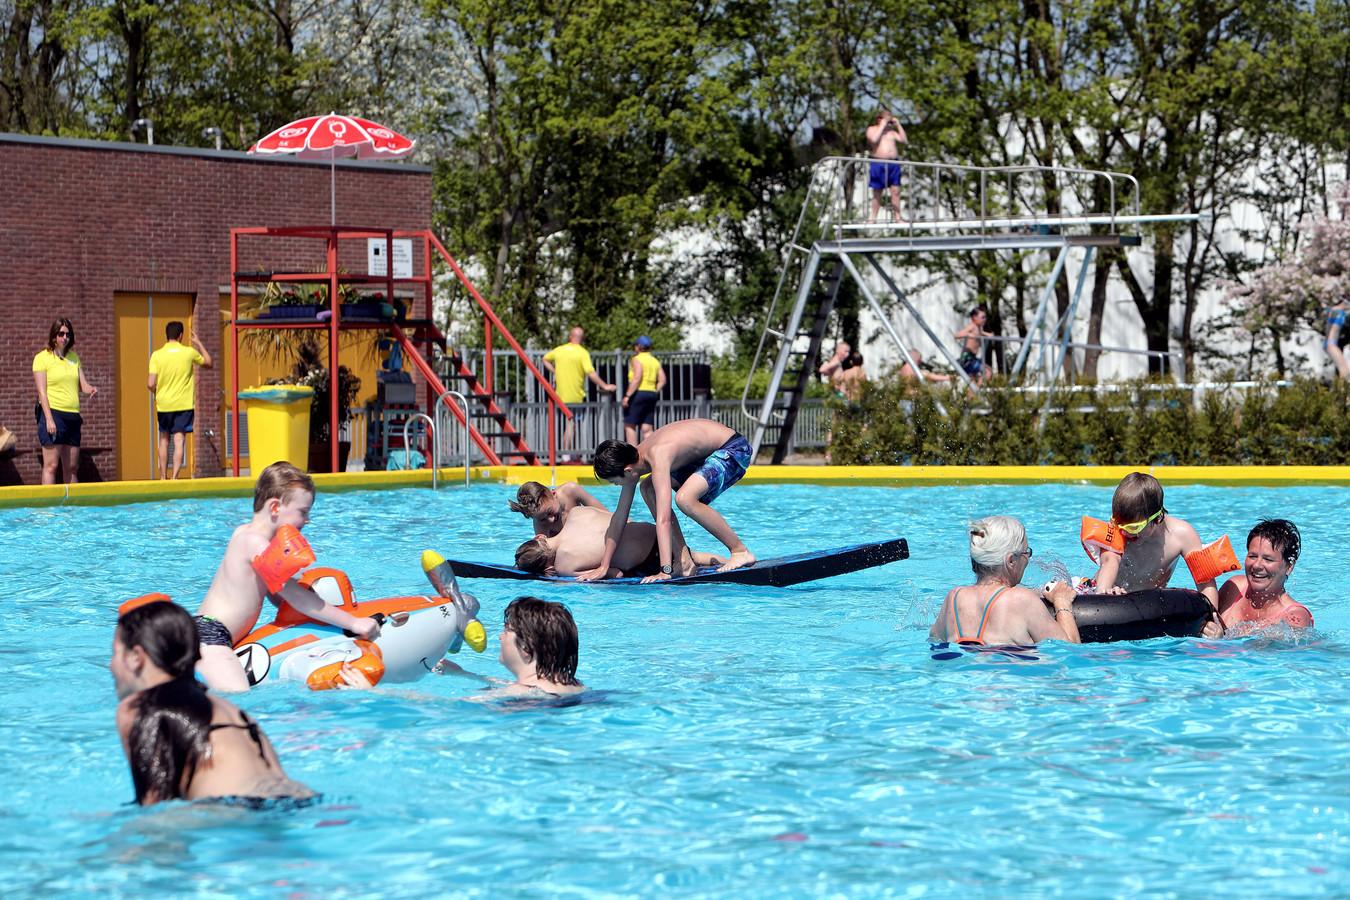 Volop waterpret in zwembad De Melanen, voorjaar 2018. De Halsterse accommodatie zou zondag 21 april weer open gaan, maar vanwege lekkages bij het recreatiebad moet de seizoensstart minstens een week worden uitgesteld.